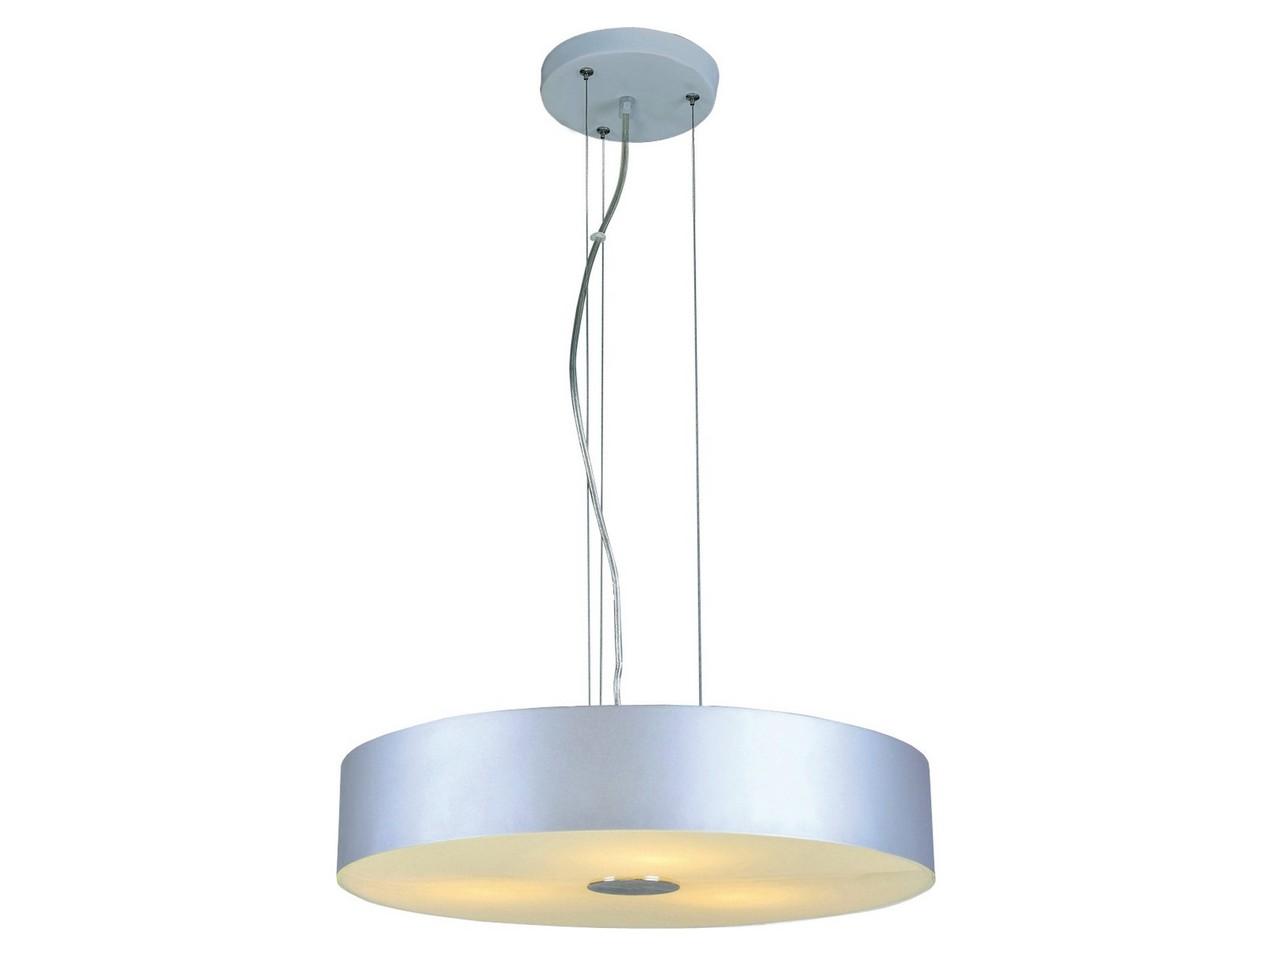 Лампа подвесная Roda SrebrnaПодвесные светильники<br>&amp;lt;div&amp;gt;Вид цоколя: Е27&amp;lt;/div&amp;gt;&amp;lt;div&amp;gt;Мощность лампы: 60W&amp;lt;/div&amp;gt;&amp;lt;div&amp;gt;Количество ламп: 3&amp;lt;/div&amp;gt;&amp;lt;div&amp;gt;Наличие ламп: нет&amp;amp;nbsp;&amp;lt;/div&amp;gt;<br><br>Material: Стекло<br>Height см: 100<br>Diameter см: 45